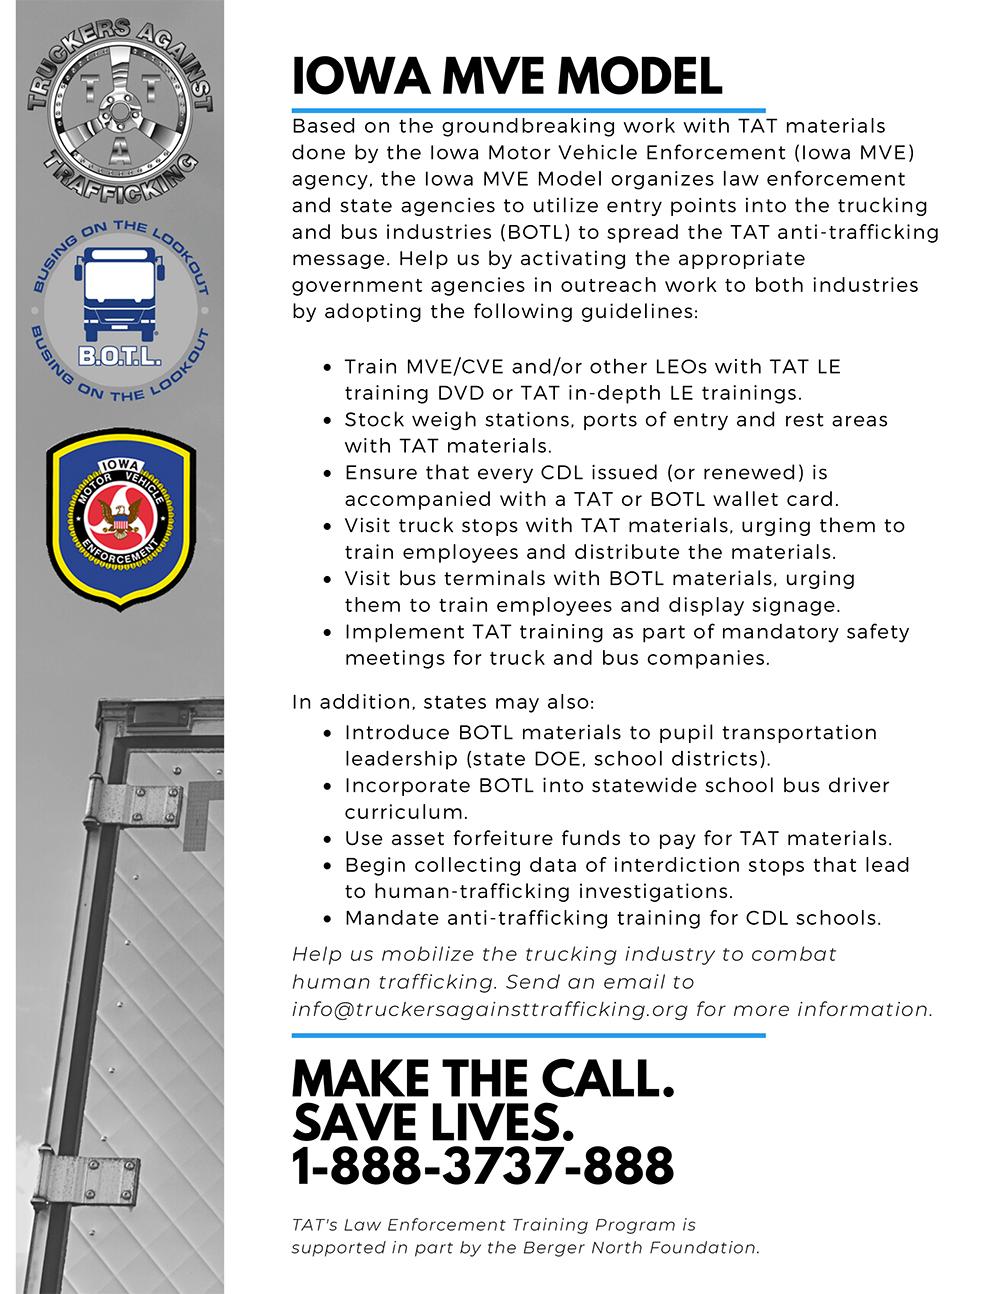 TAT Law Enforcement Training handout